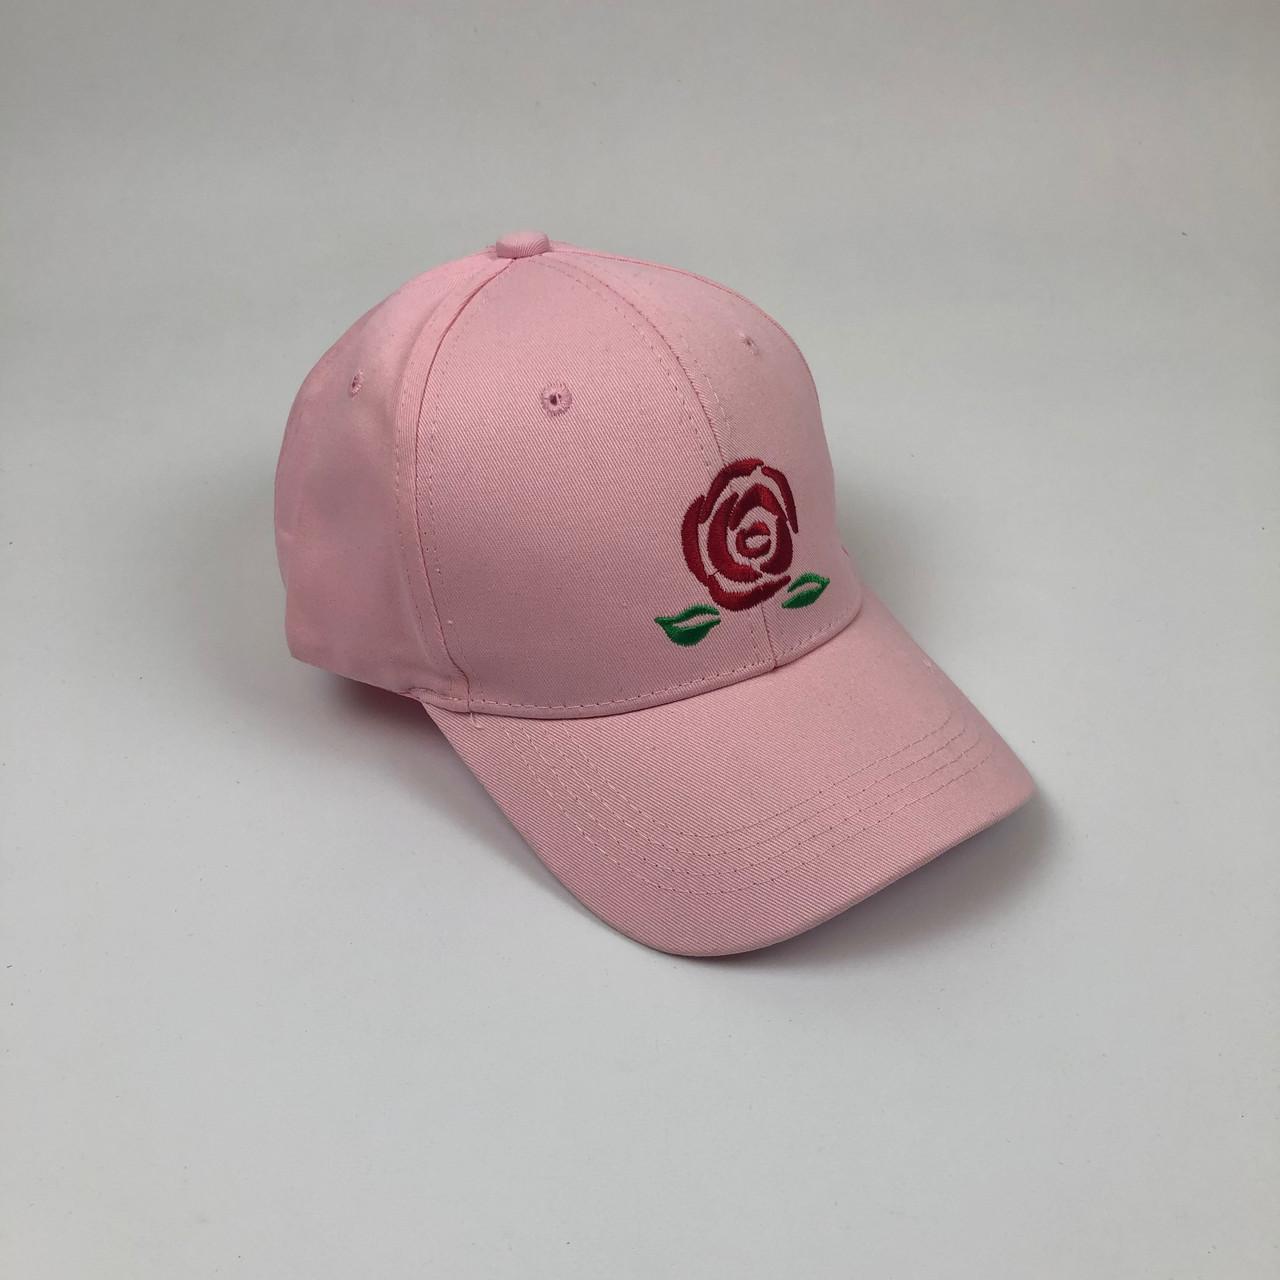 Кепка Бейсболка Мужская Женская City-A Big Rose с Розой Розовая